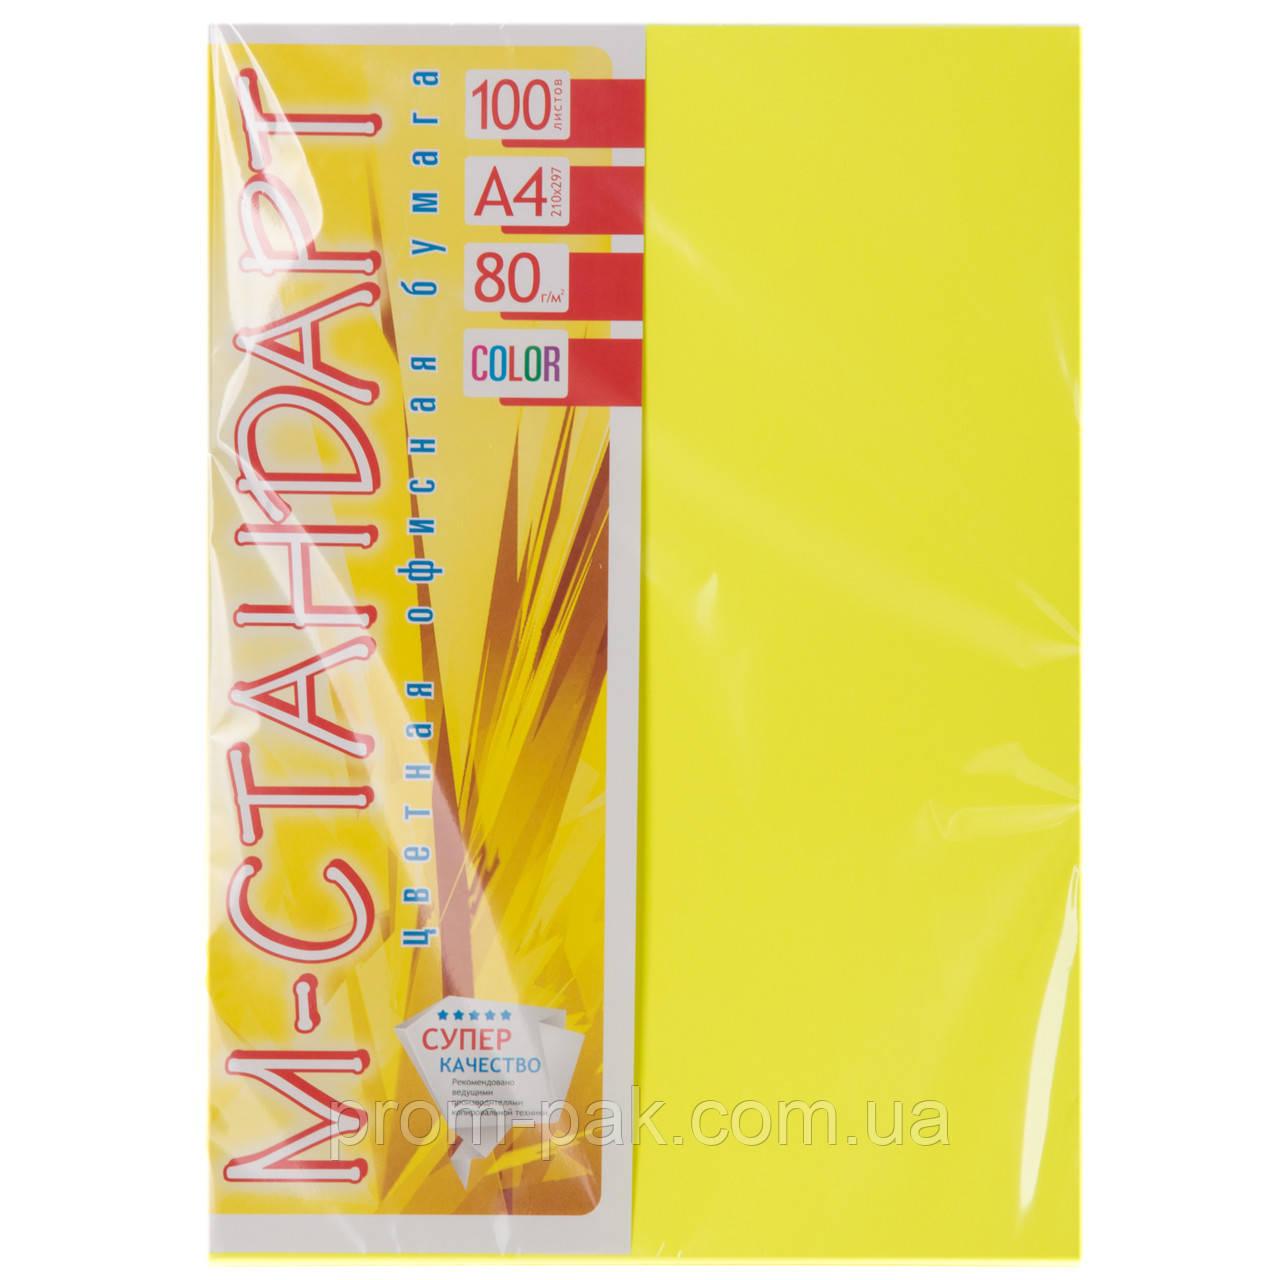 Цветная бумага неон желтый  М - Стандарт А4 г/м² 80